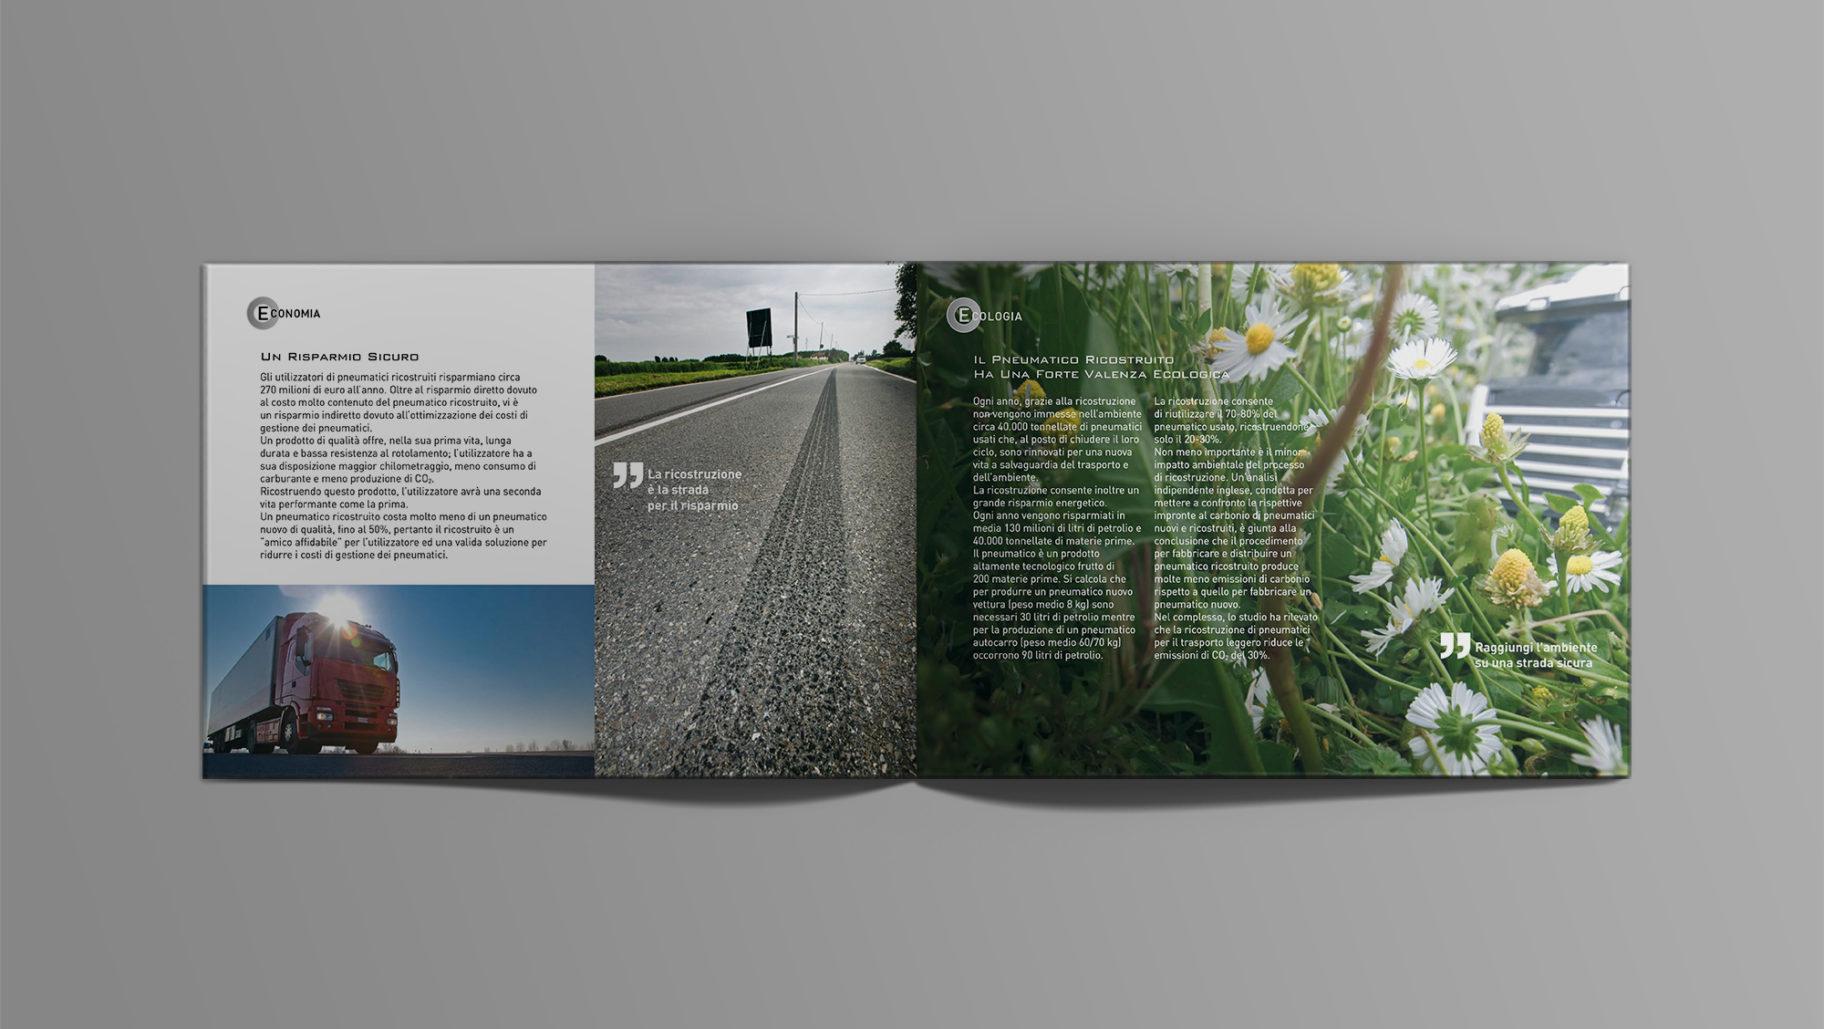 AIRP Pneumatici Ricostruiti 2011-brochure-03